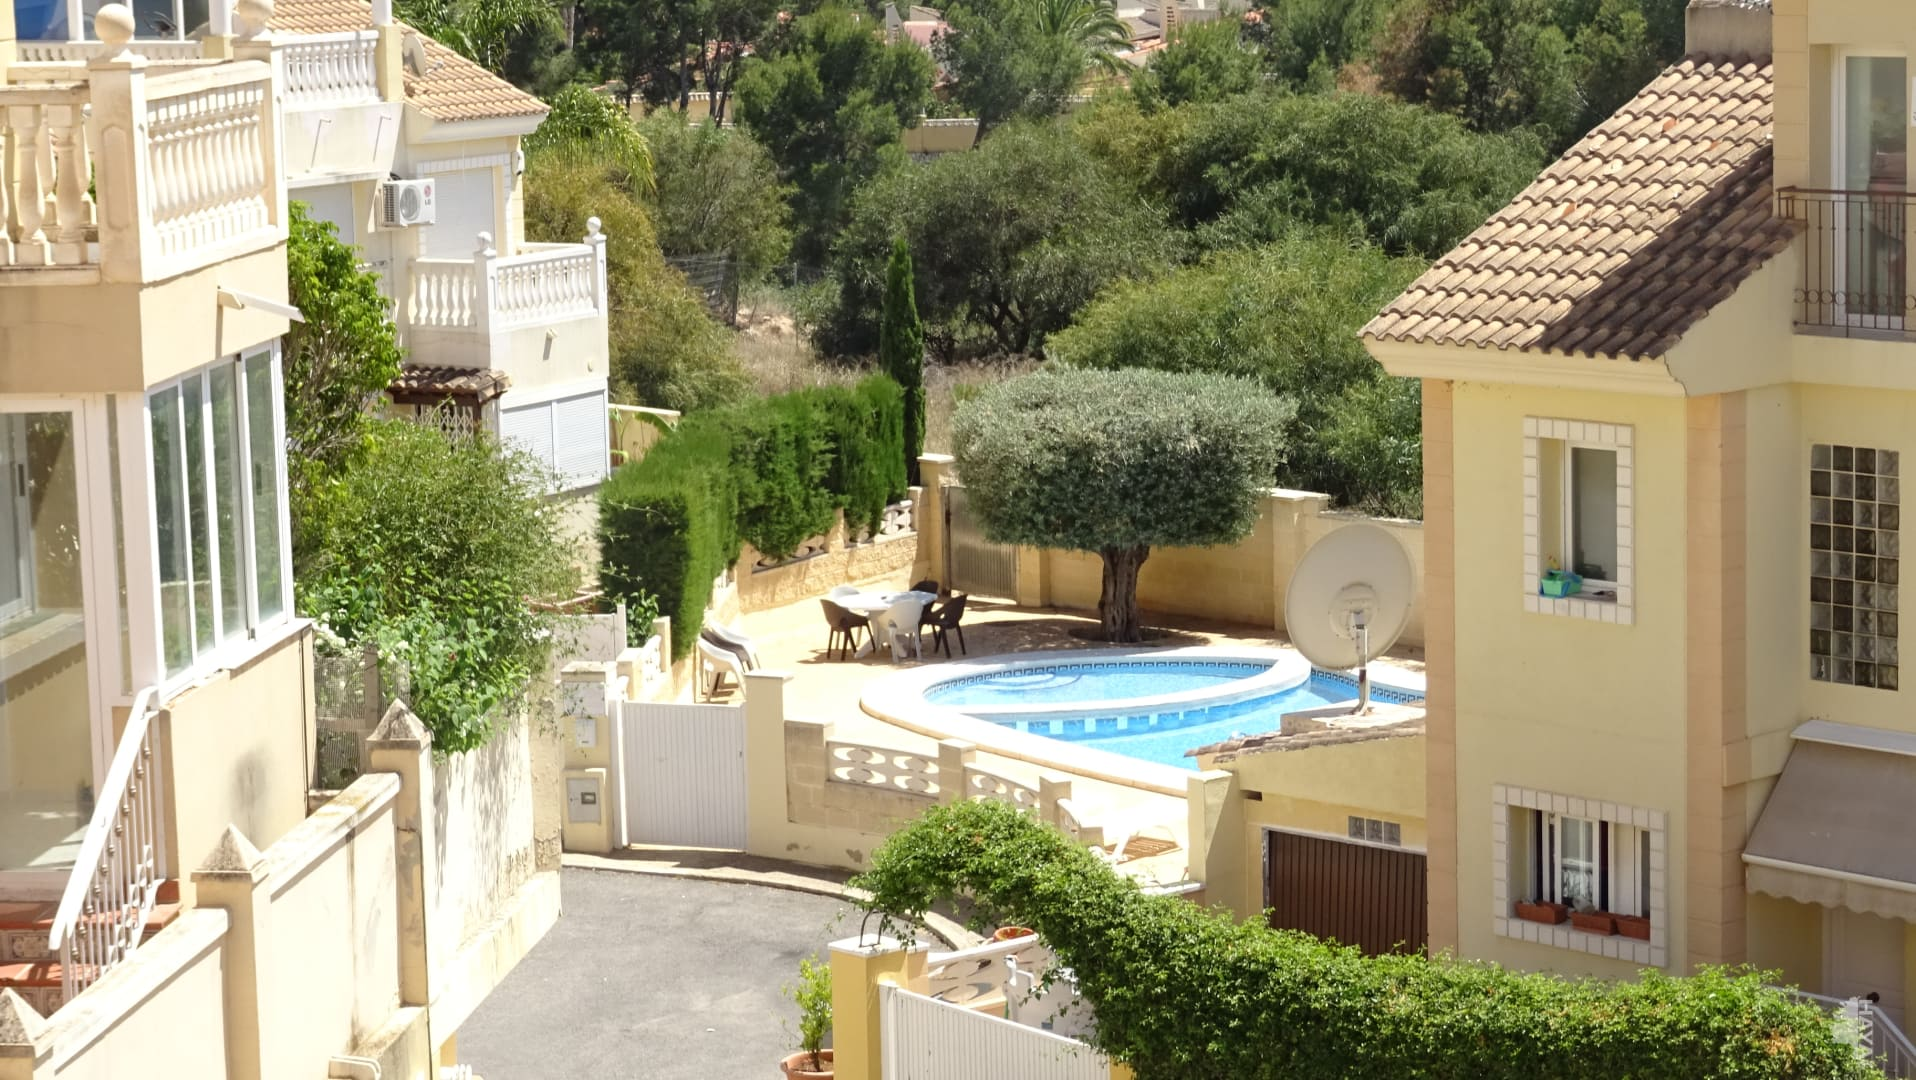 Casa en venta en La Nucia, Alicante, Calle Baladre, 147.741 €, 3 habitaciones, 2 baños, 147 m2